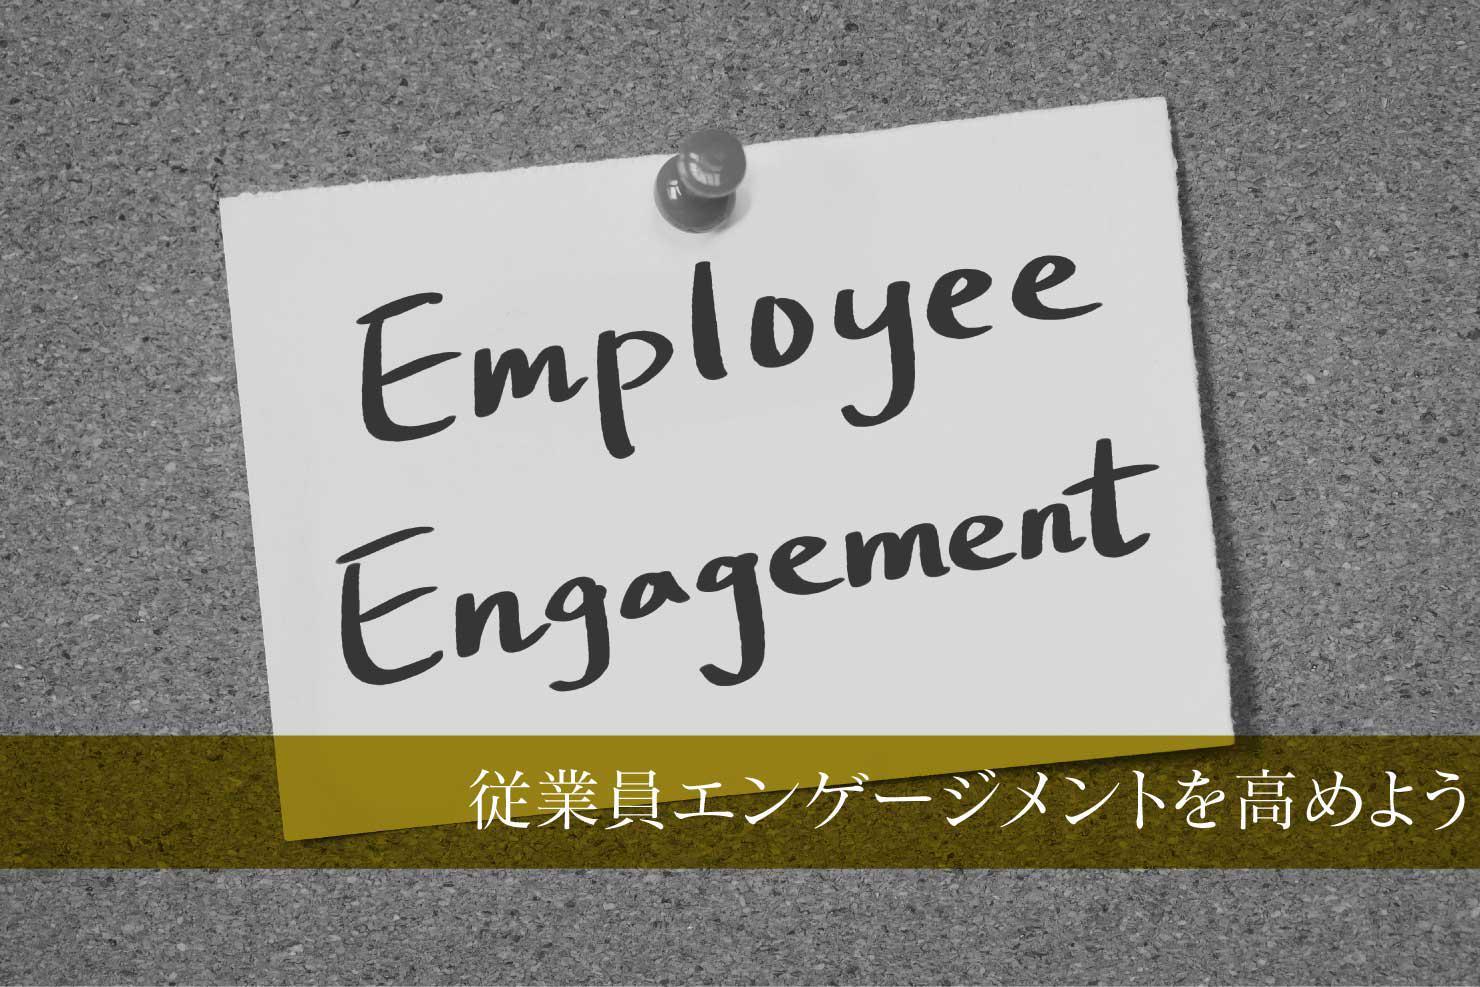 経営課題も解決できる!従業員エンゲージメントの全容を大公開